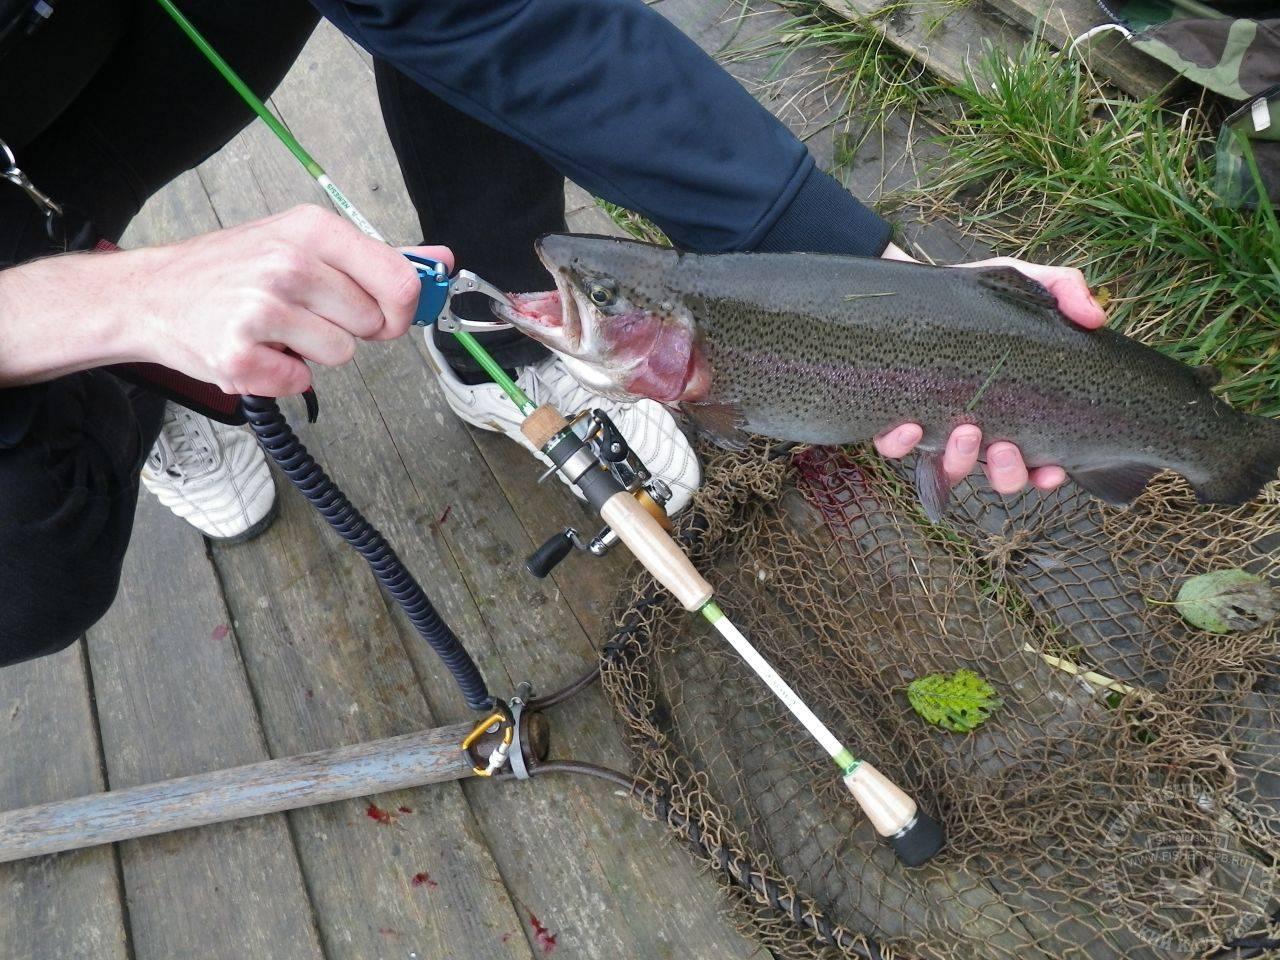 Рыбалка в орловской области: какая рыба водится в водоемах, список бесплатных и платных мест, реки и озера | berlogakarelia.ru